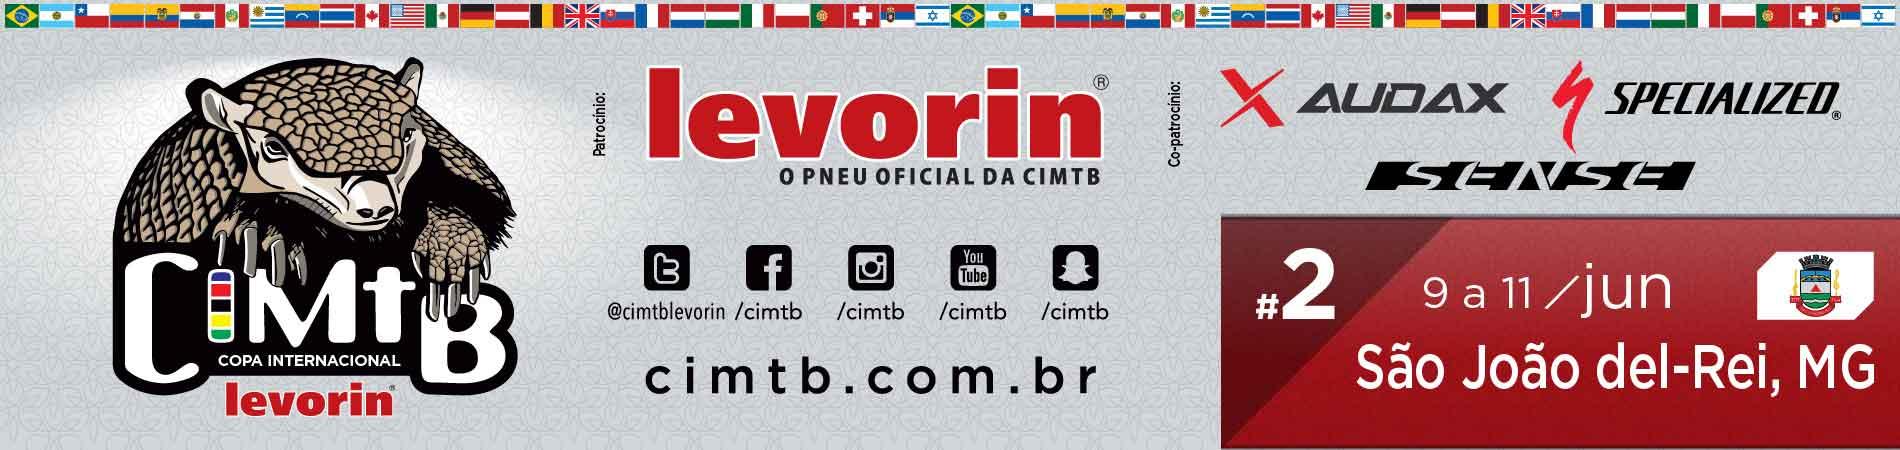 COPA INTERNACIONAL LEVORIN DE MTB - XCO E XCC SÃO JOÃO DEL REI - Imagem de topo